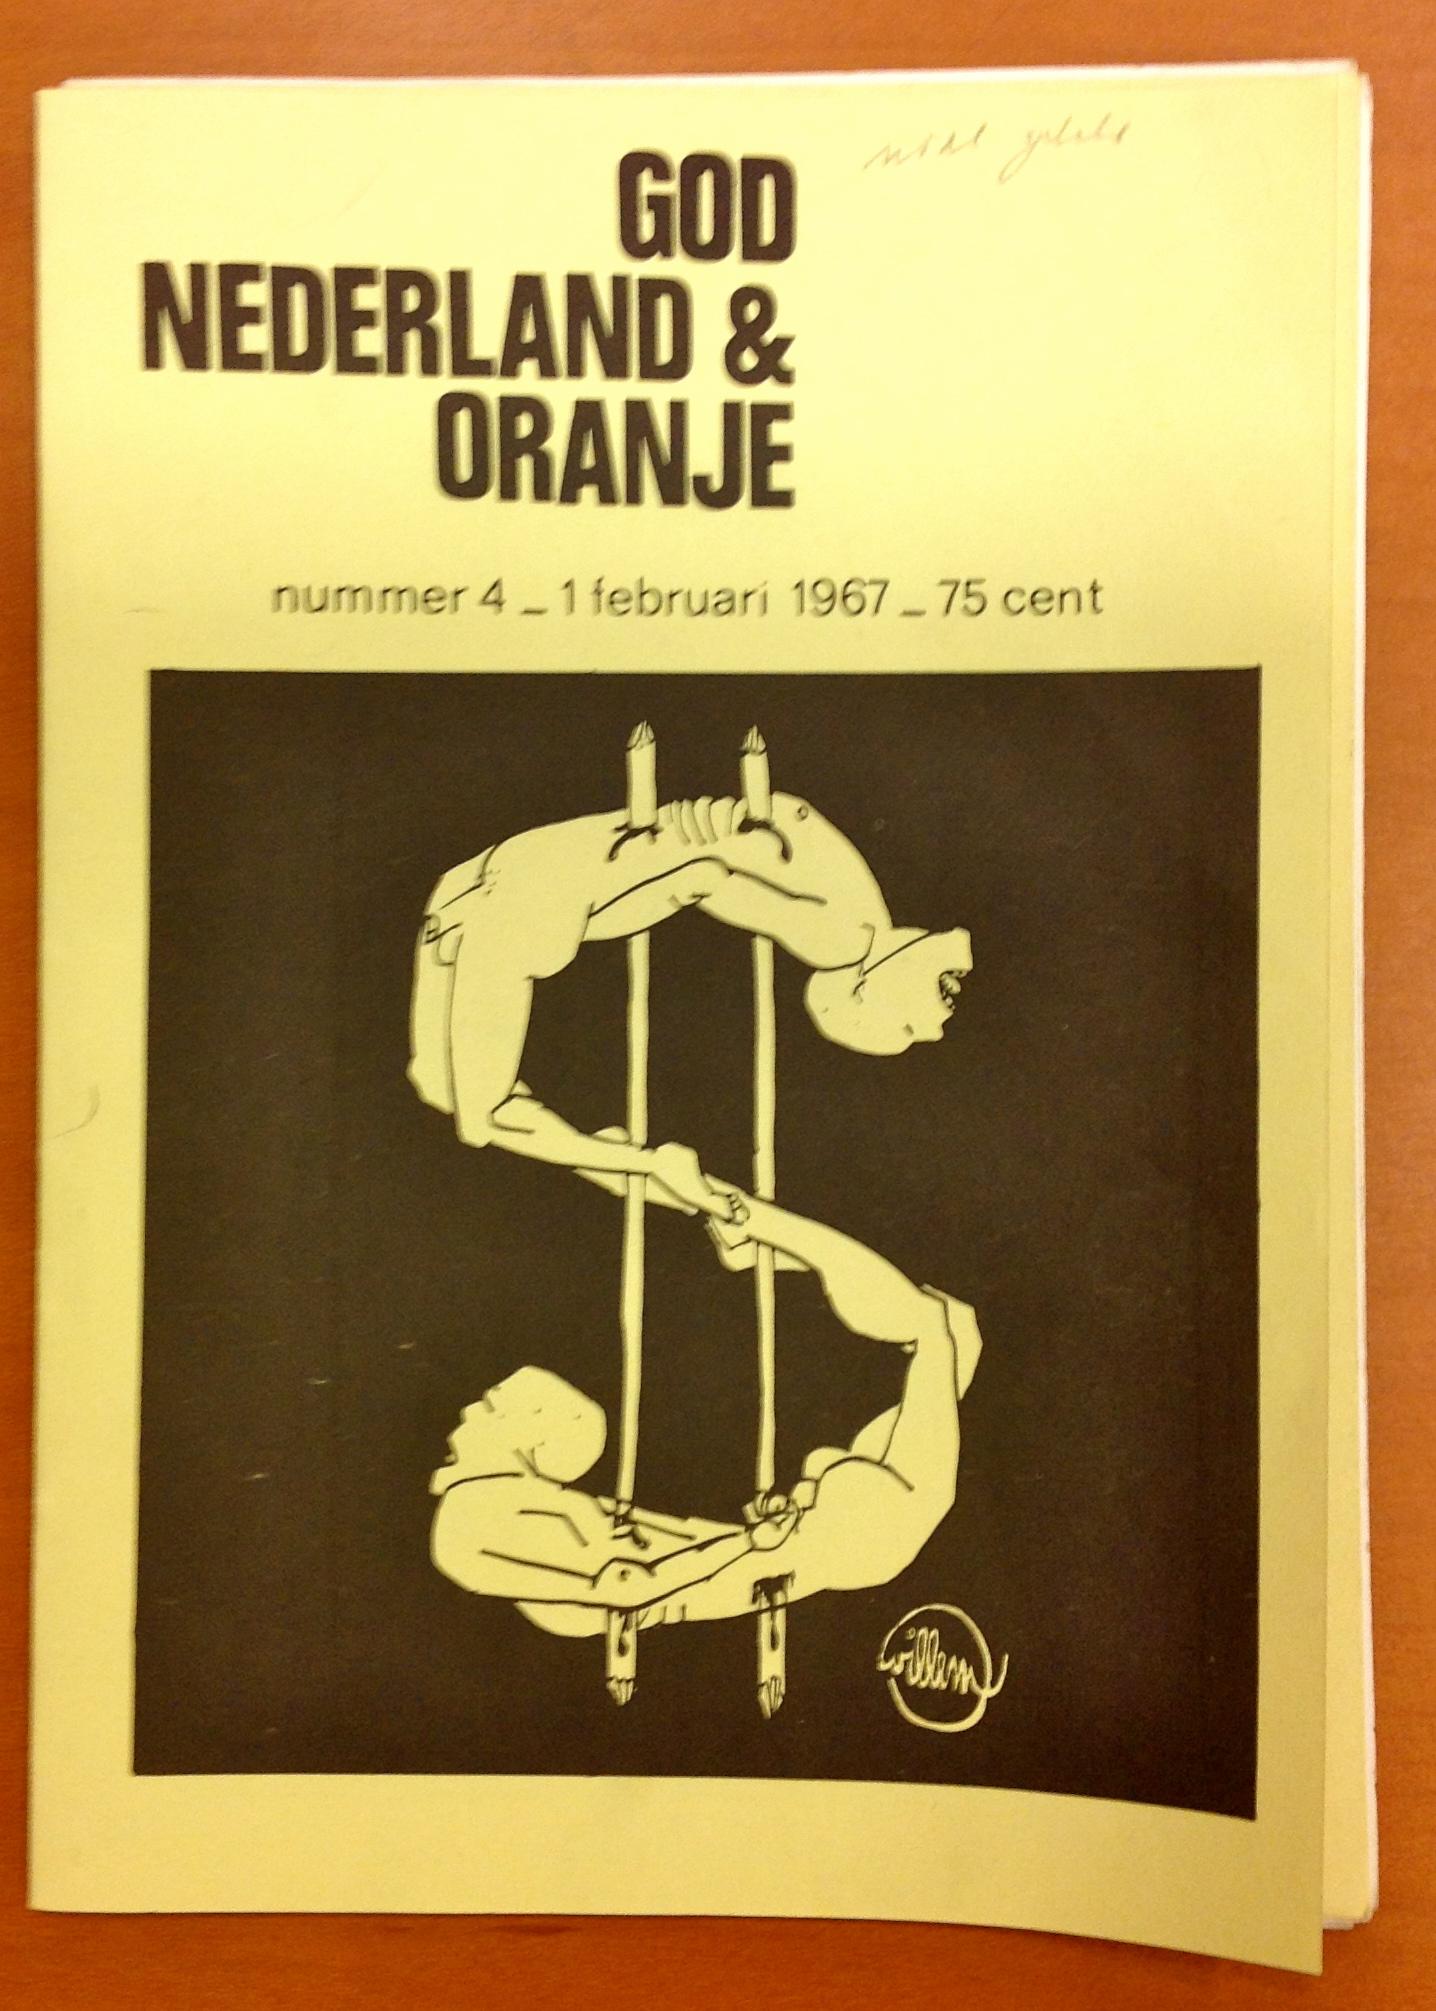 God, Nederland & Oranje 4